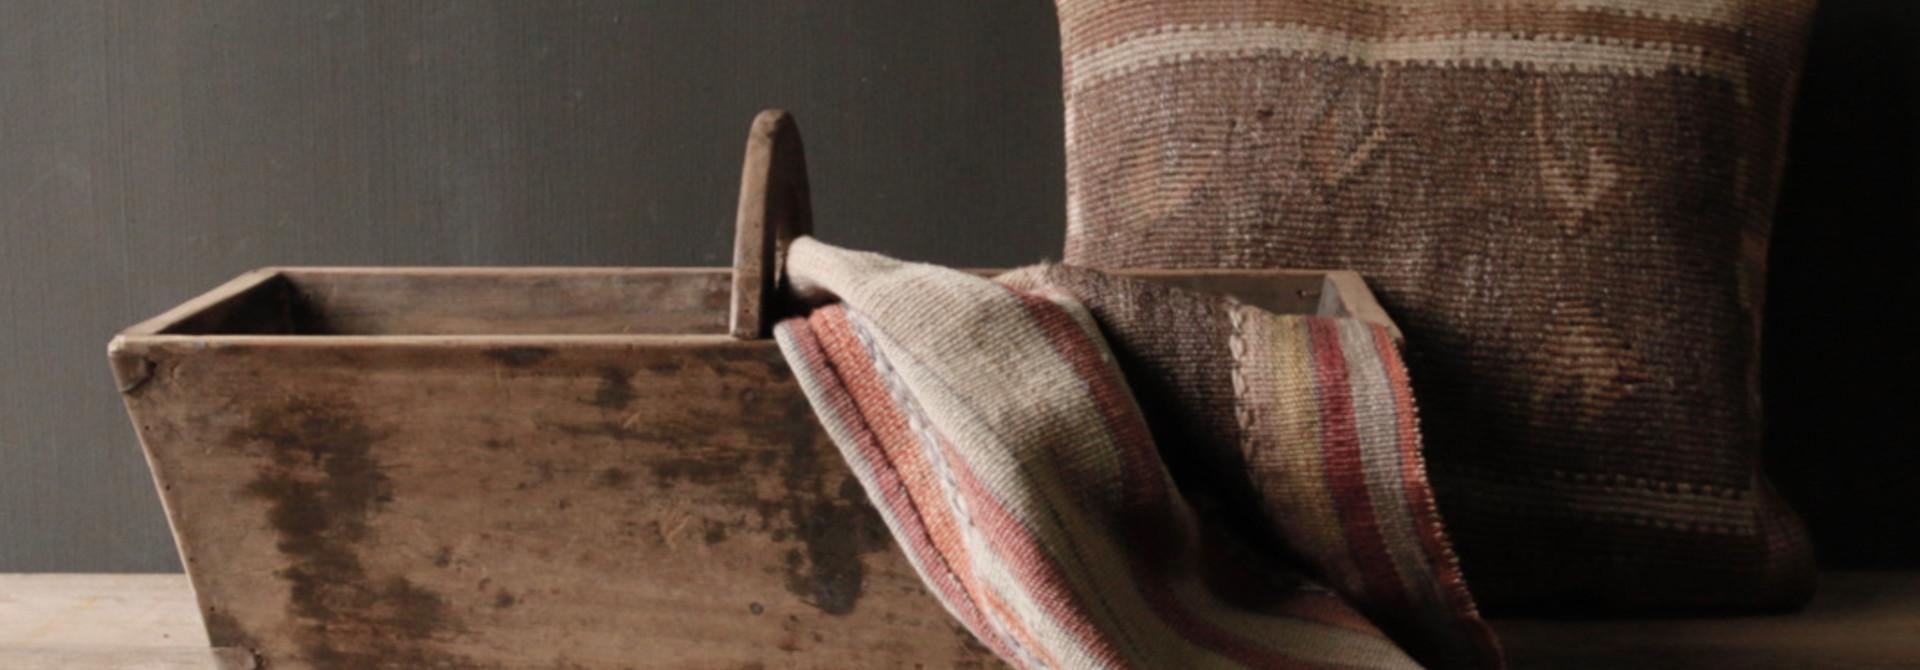 Zaaibak gemaakt van oud hout